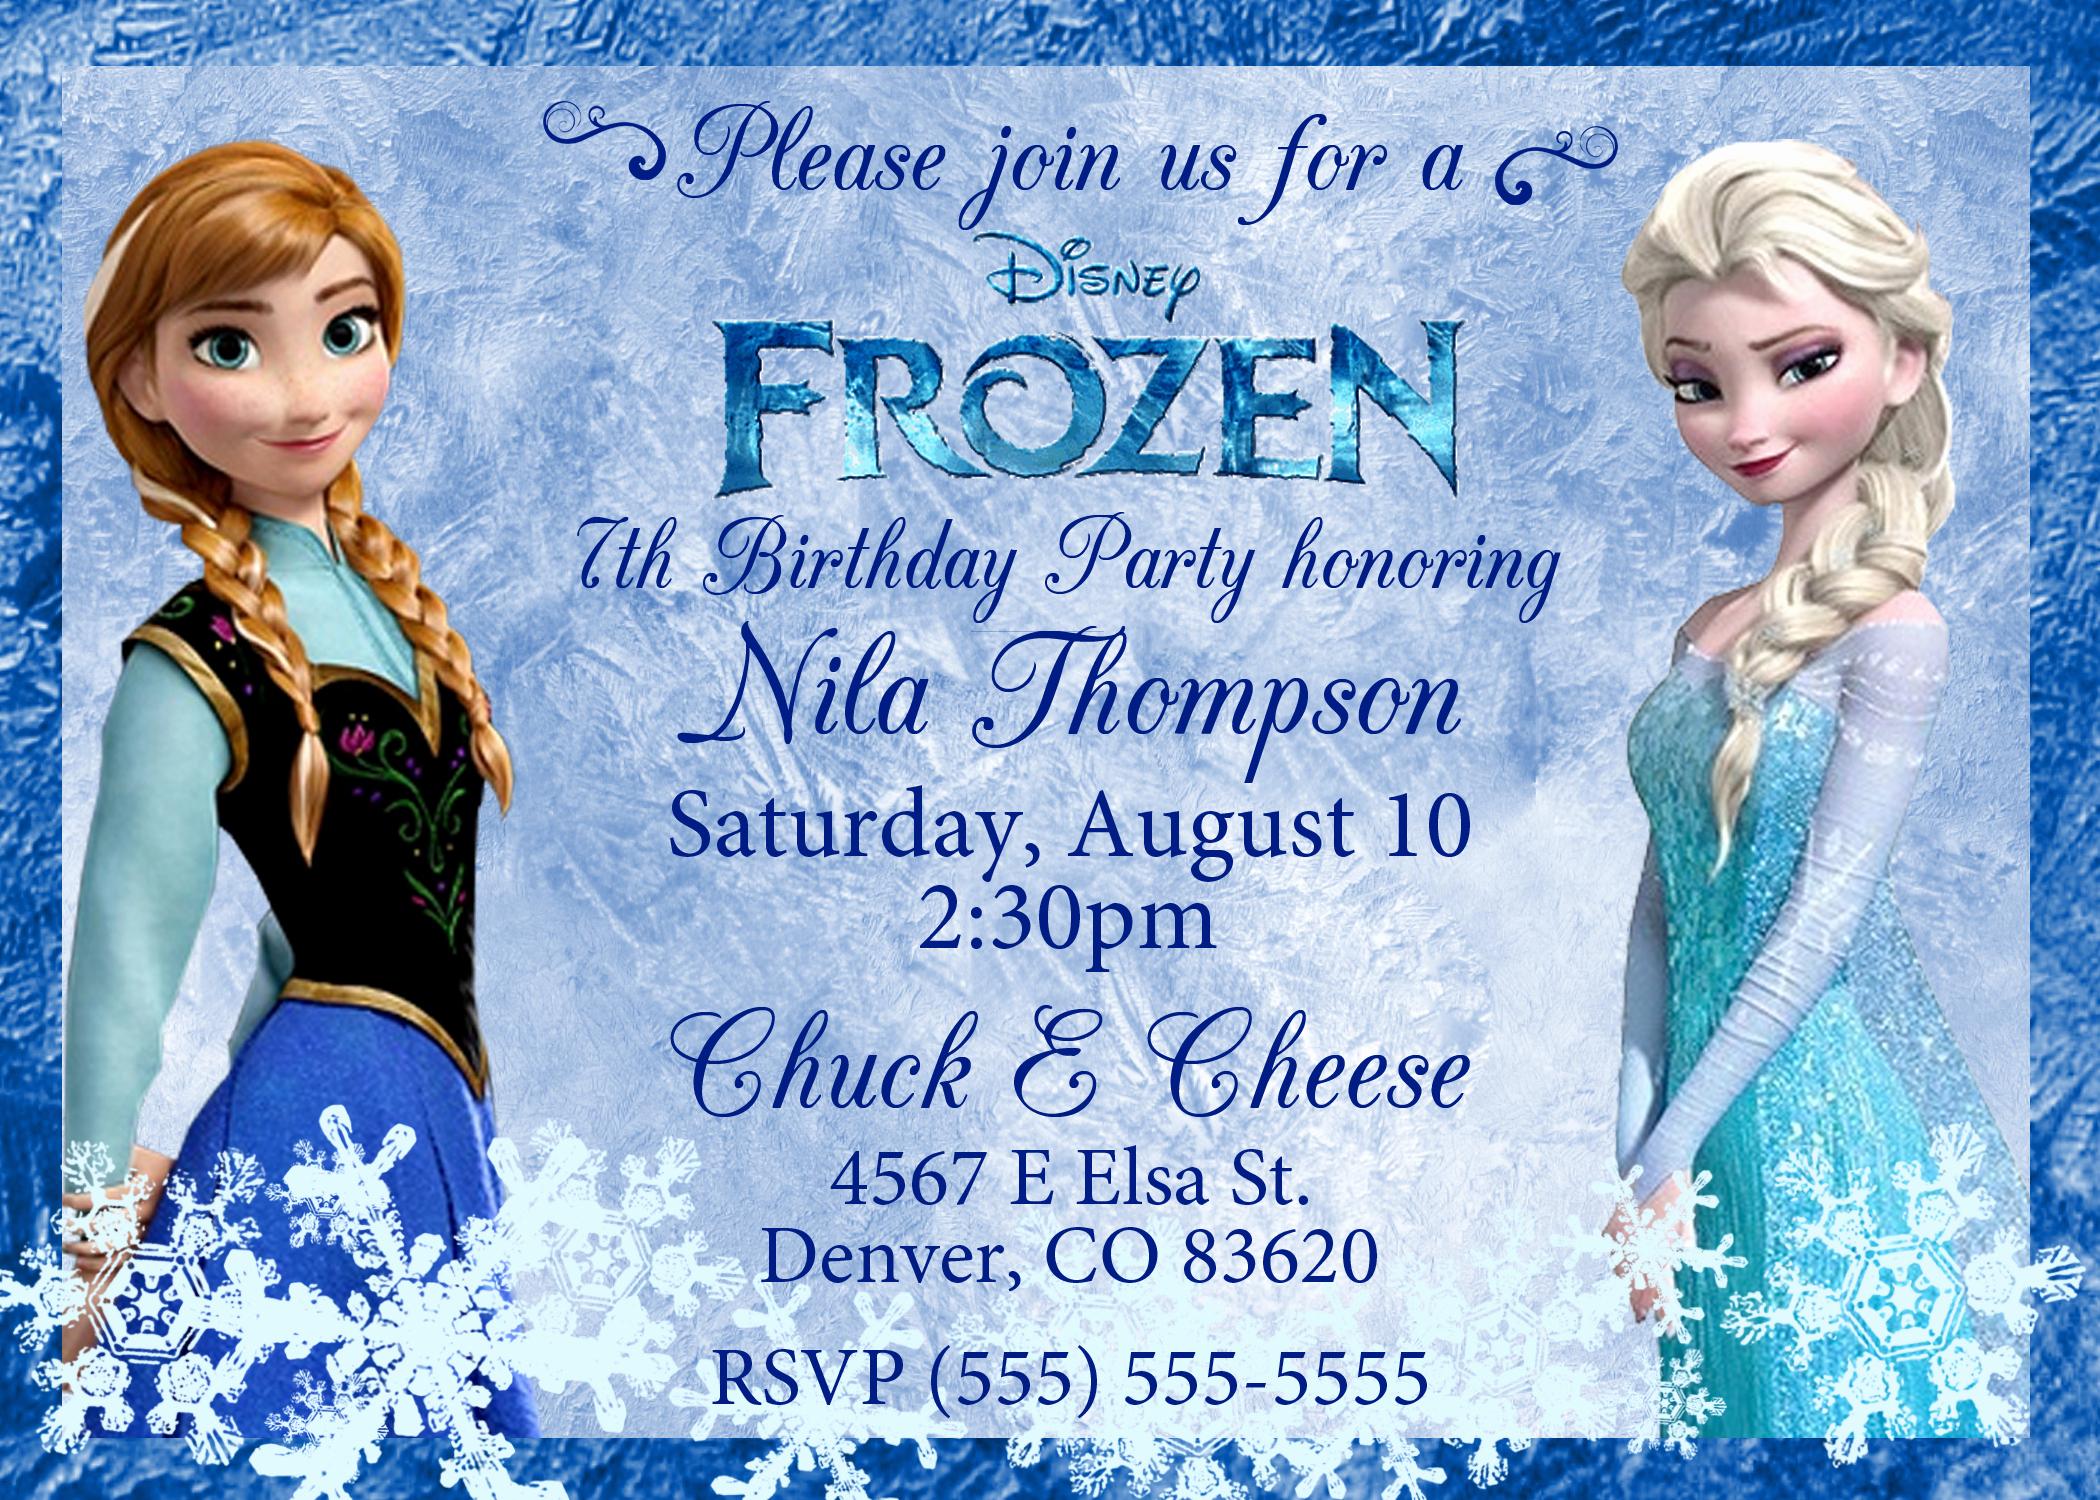 Frozen Bday Party Invitations Fresh Frozen 2013 Birthday Invitation